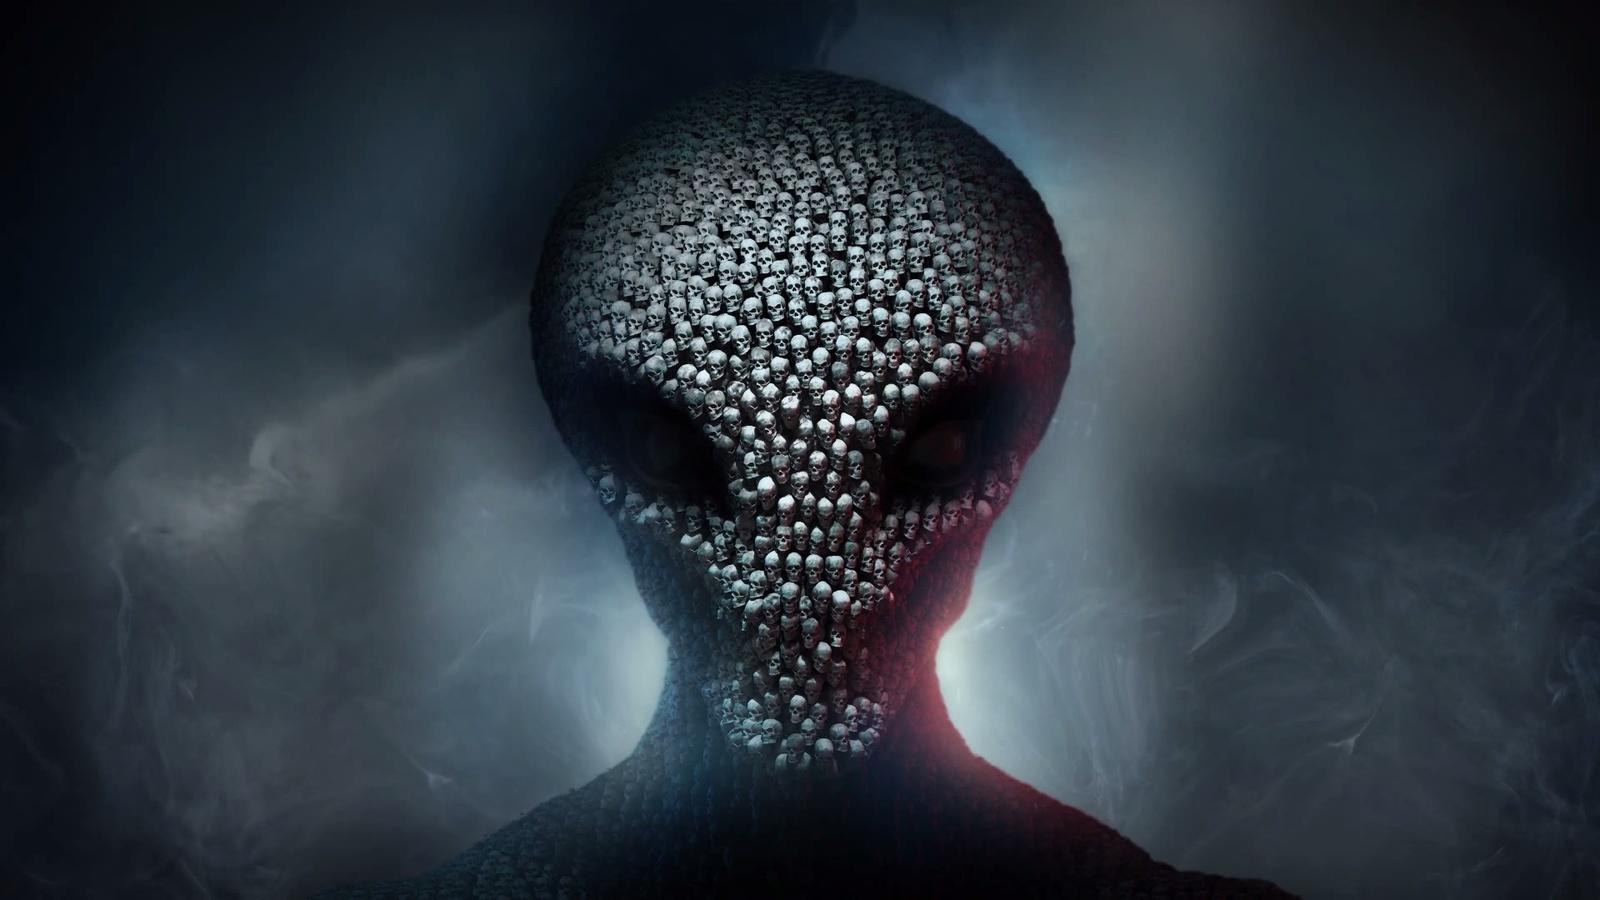 xcom, инопланетянин, фэнтези, арт, темный фон, креатив, персонаж